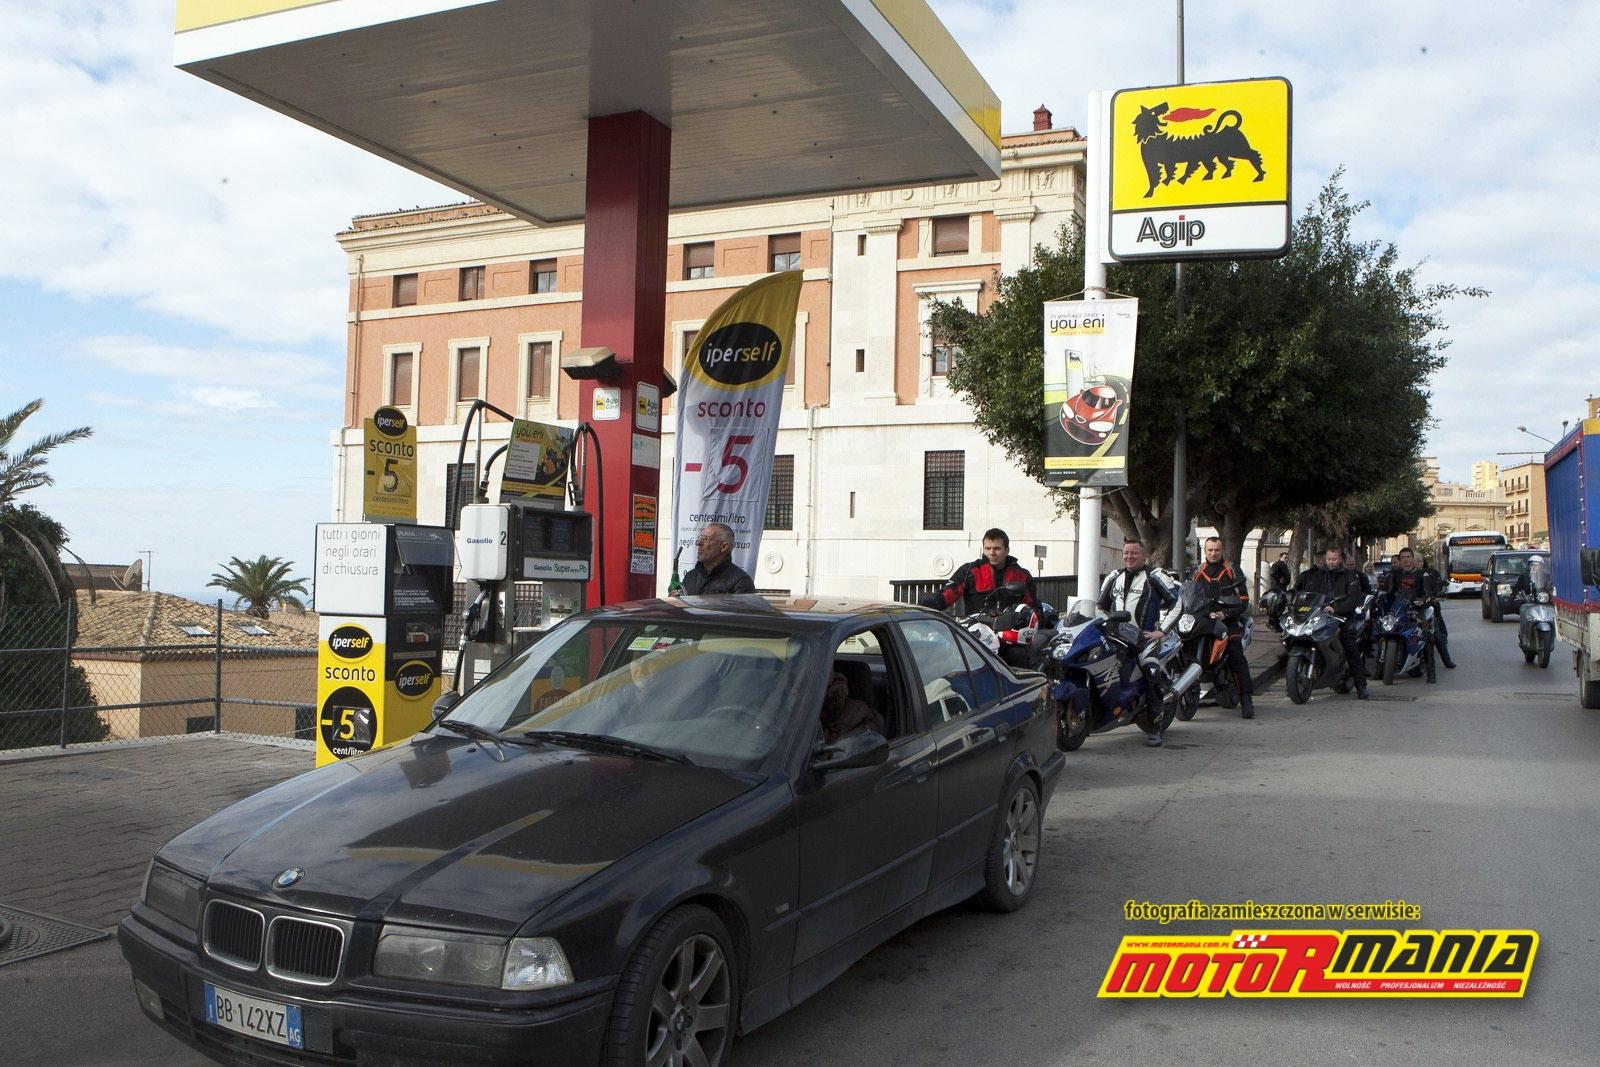 Ostatnia stacja z paliwem w Agrigento...